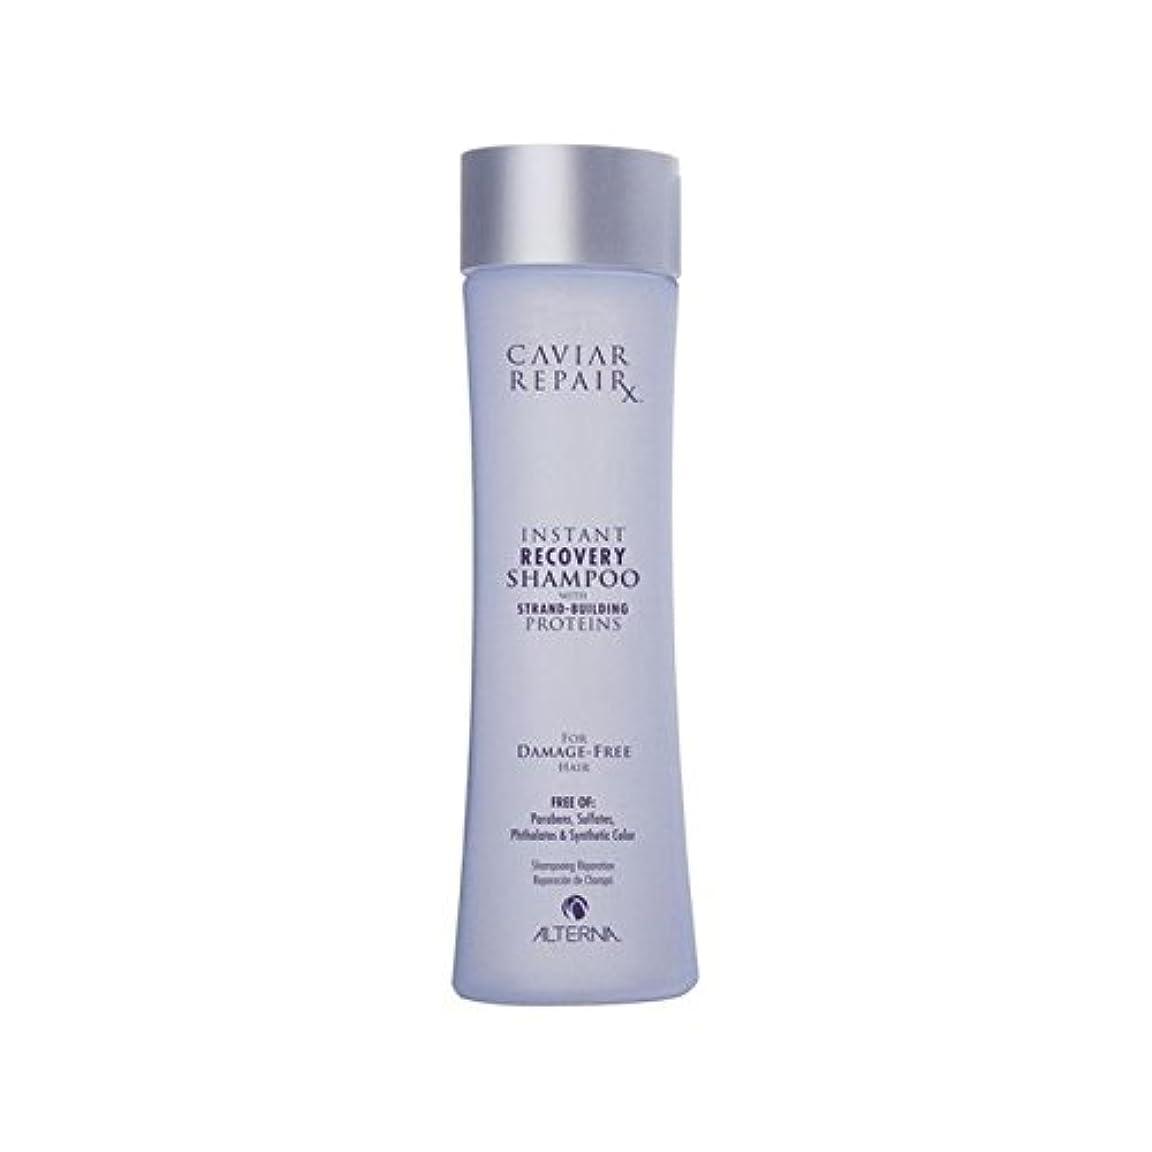 気取らない荒れ地シーズンAlterna Caviar Repairx Instant Recovery Shampoo 250ml - オルタナキャビアインスタントリカバリシャンプー250 [並行輸入品]